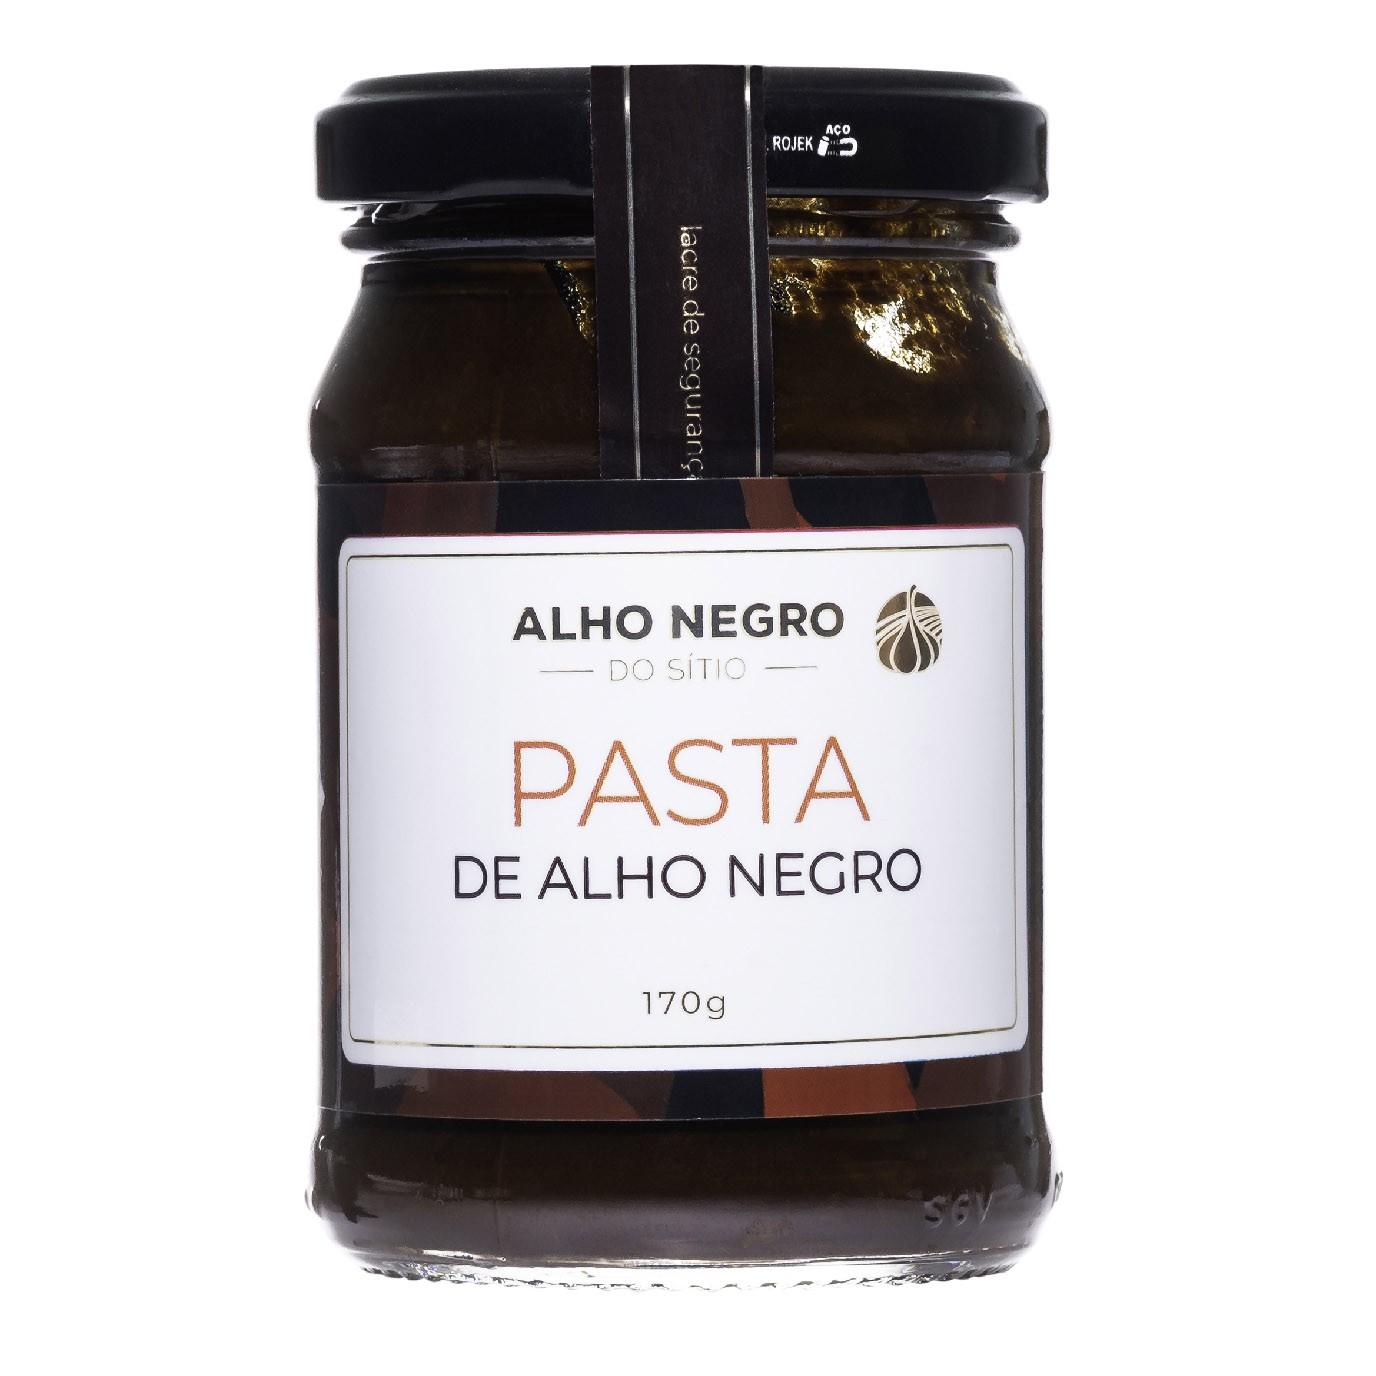 PASTA DE ALHO NEGRO - 170g  - Empório Pata Negra